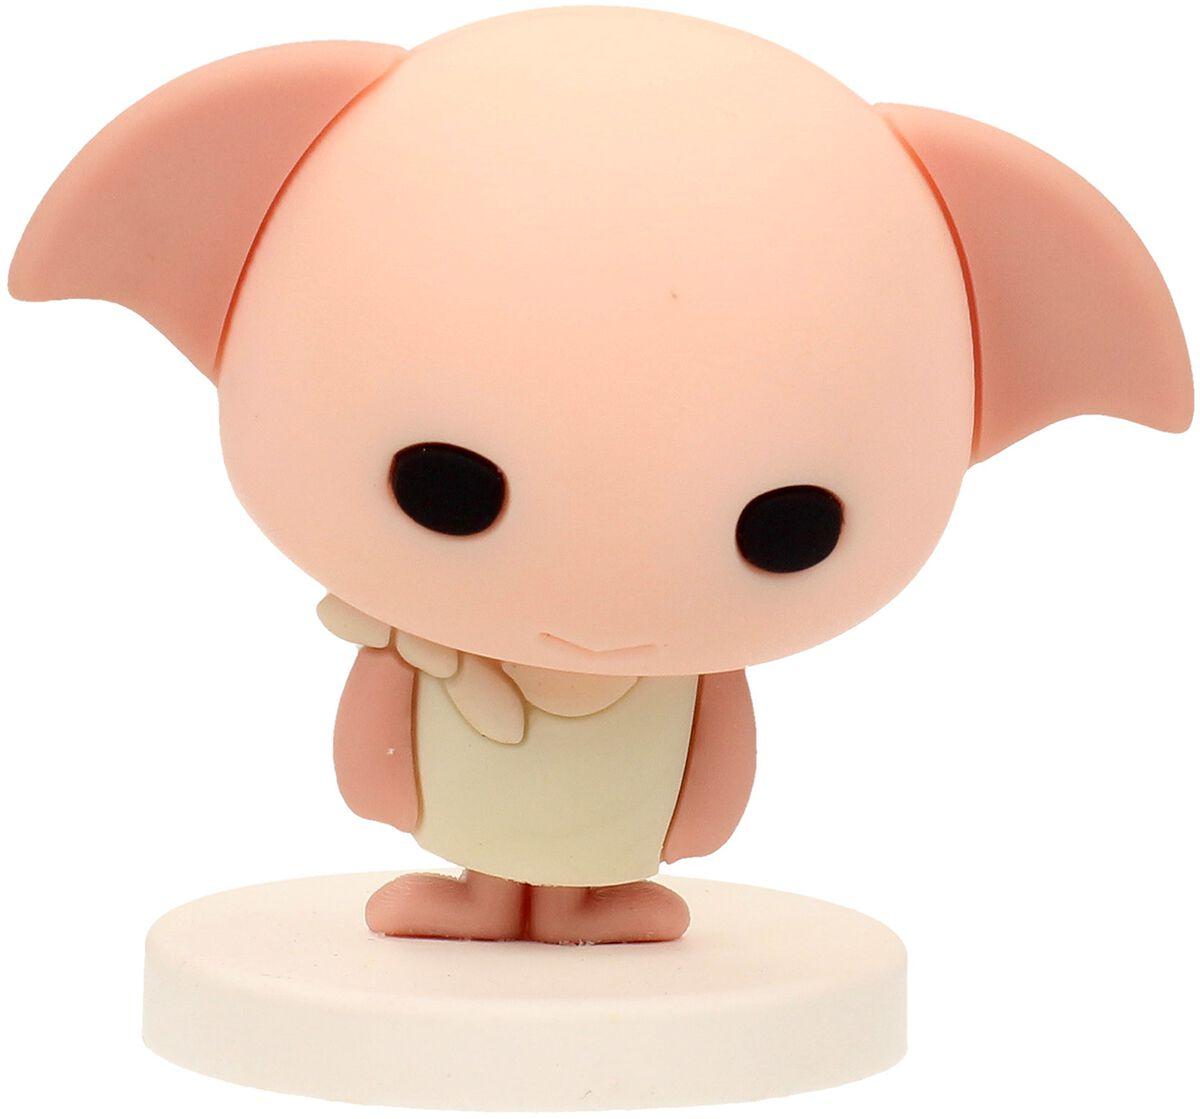 Harry Potter Dobby Pokis Figur Sammelfiguren multicolor SDTWRN2230 1